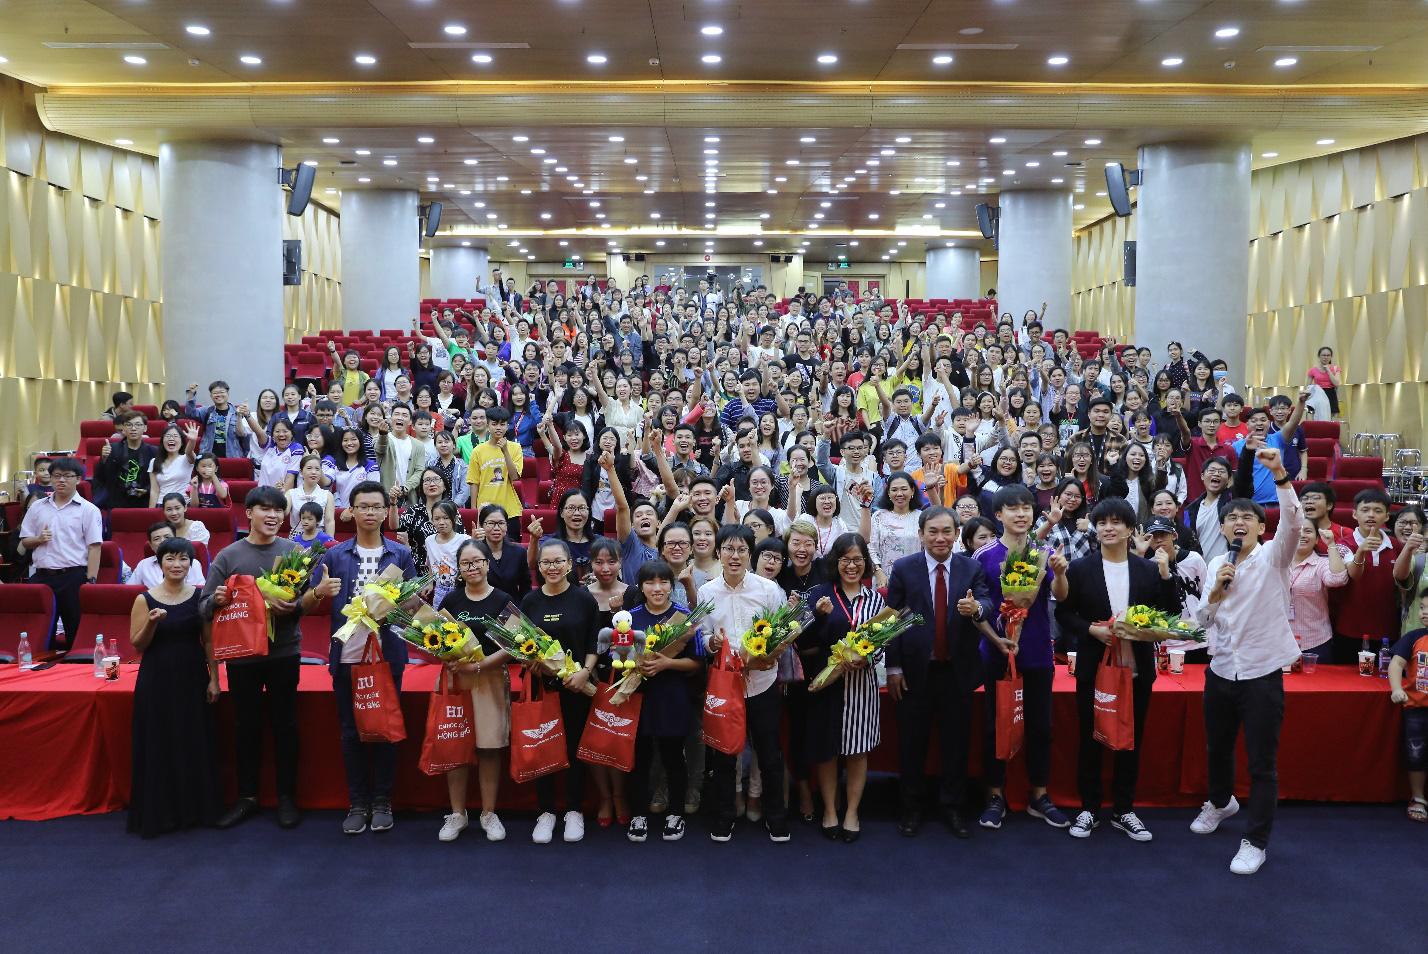 Dàn siêu trí tuệ quốc tế và Việt Nam bất ngờ hội ngộ khiến fan Việt vỡ òa - Ảnh 14.